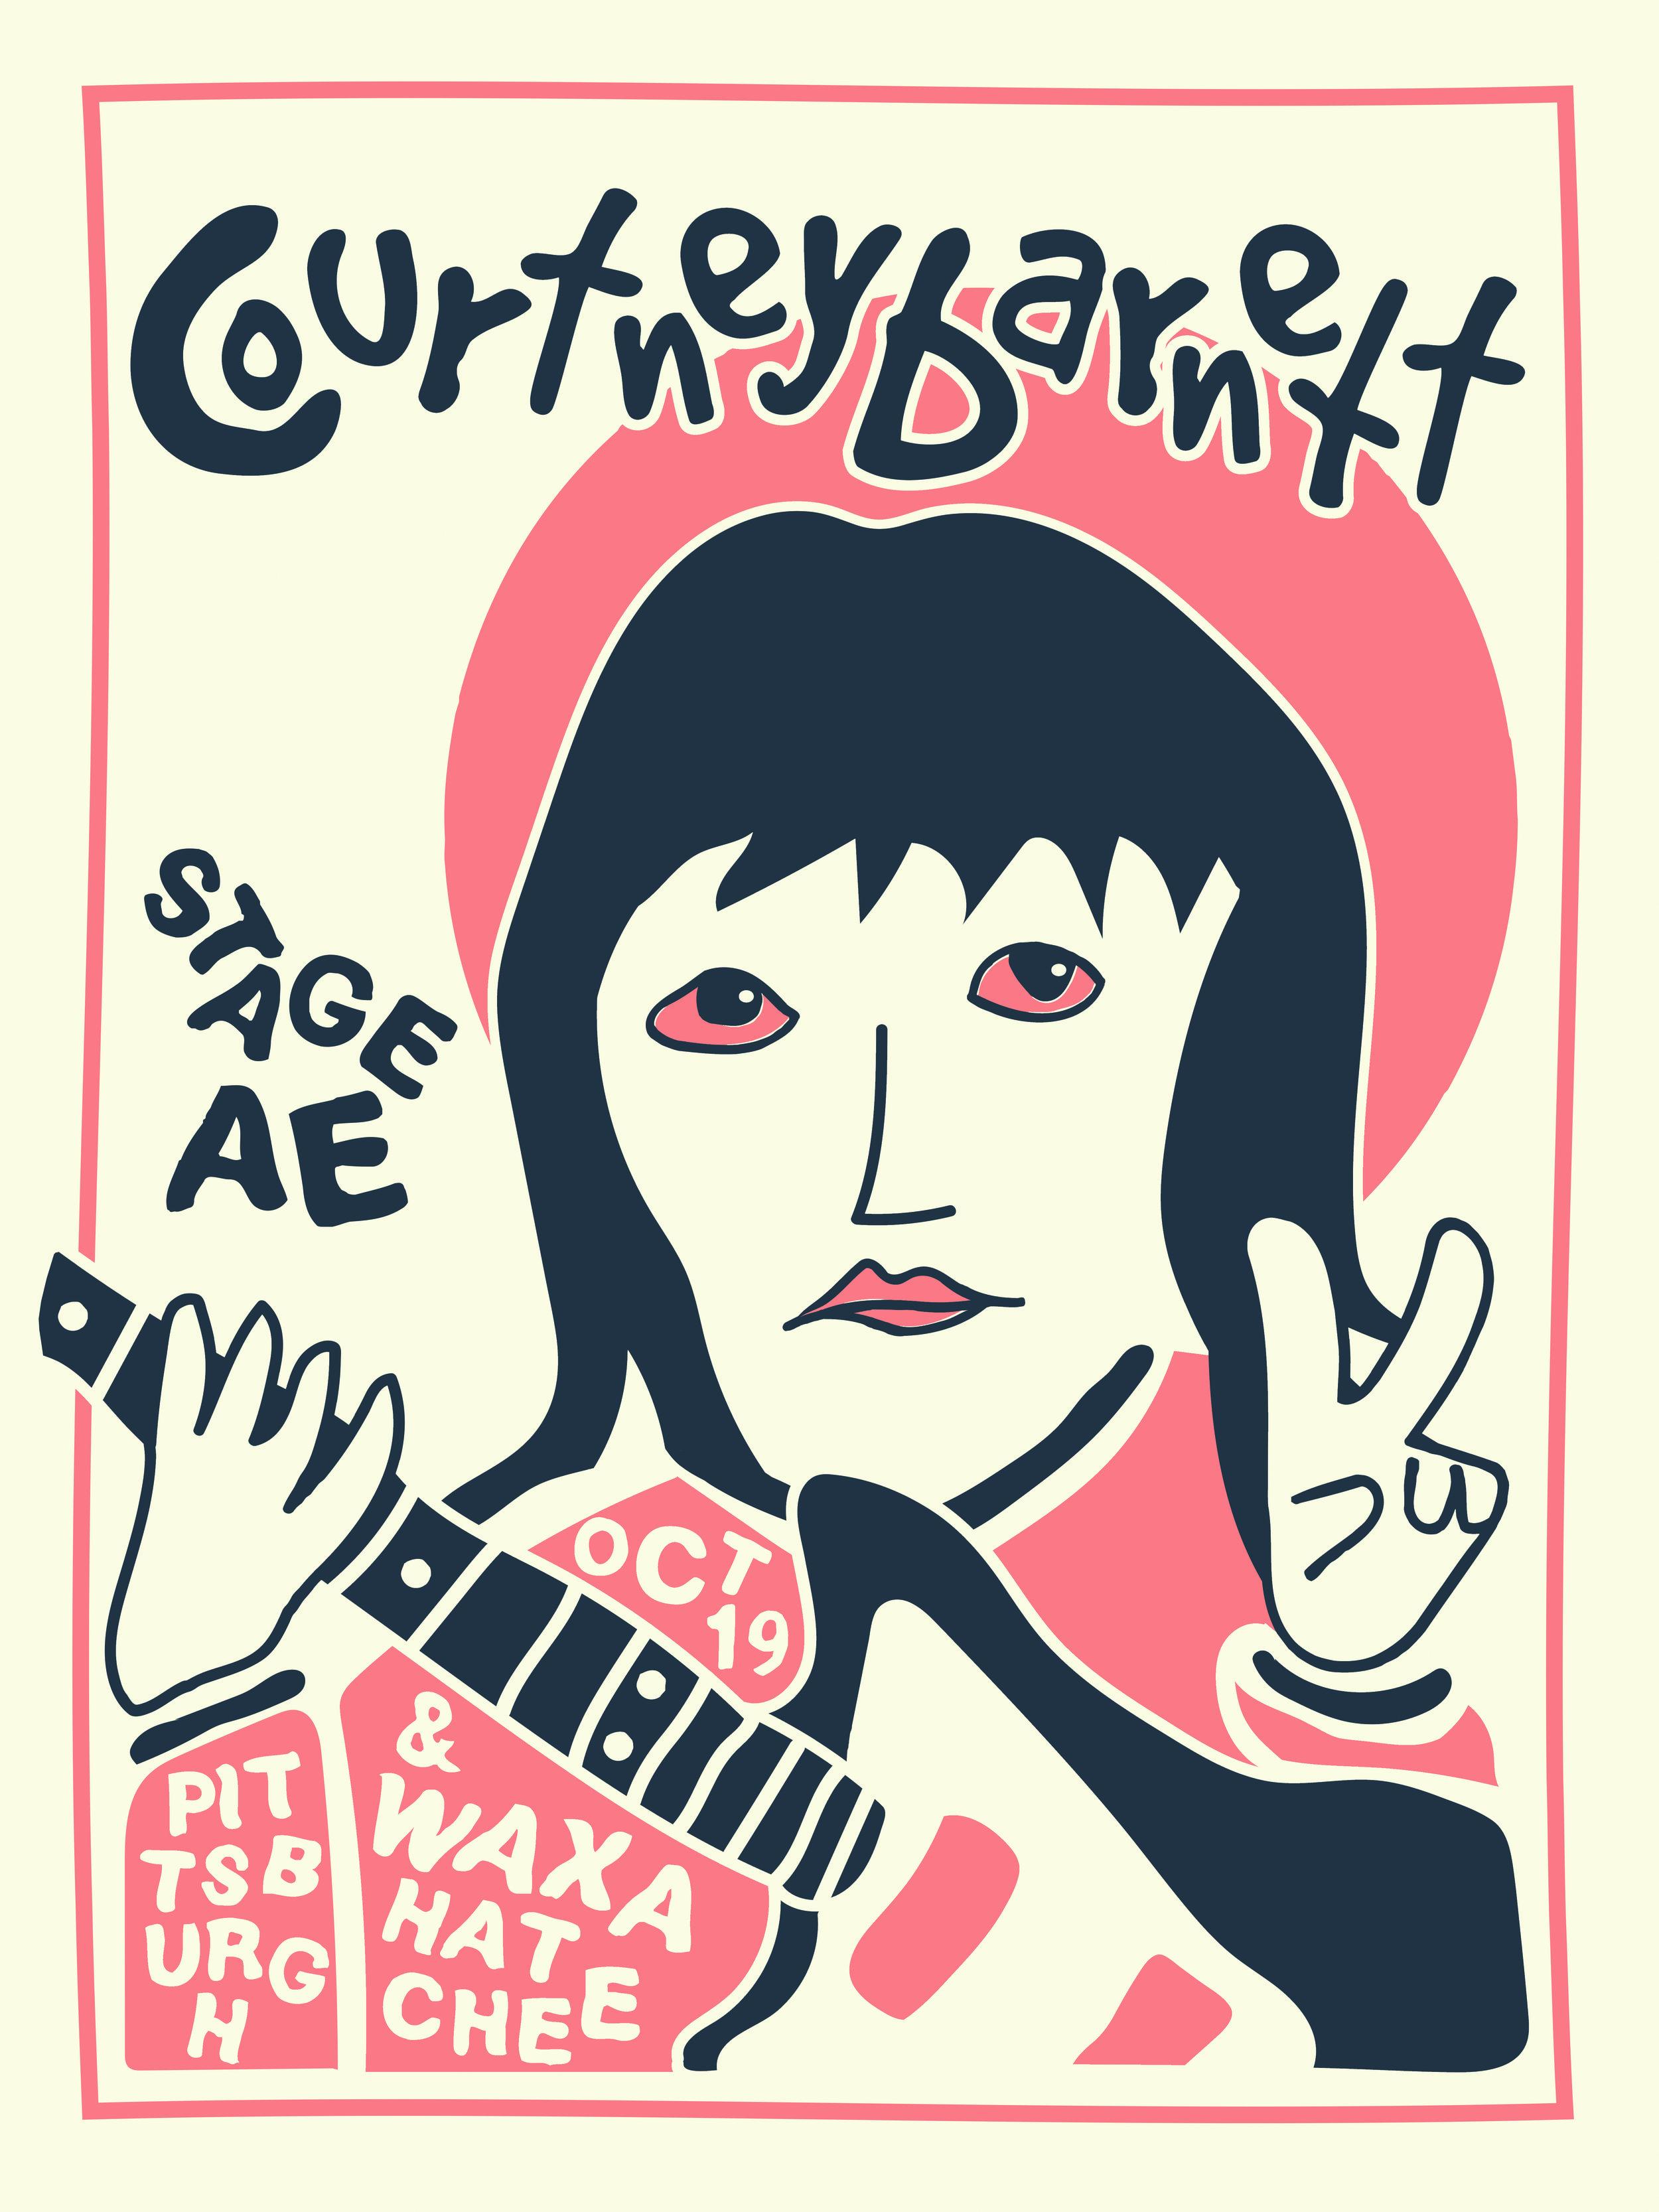 Courtney Barnett Poster 10.19.jpg